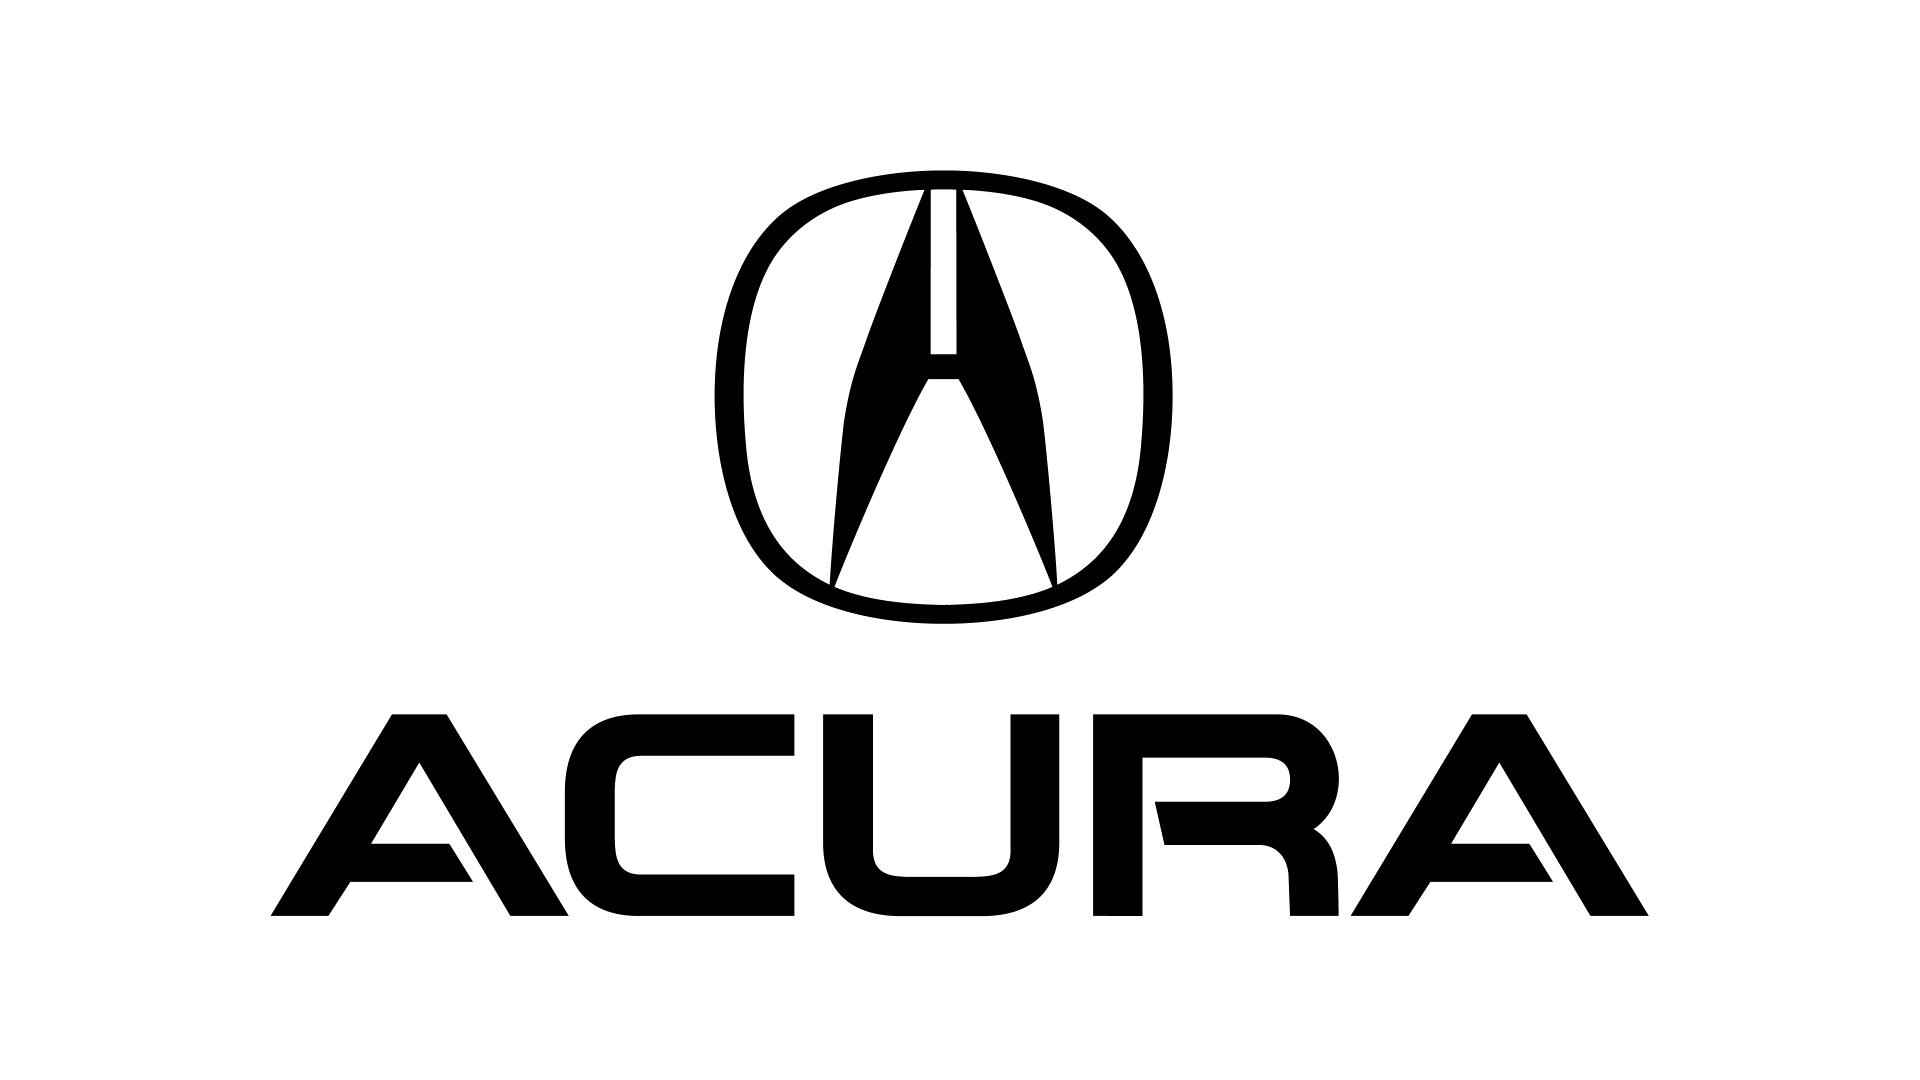 Acura-symbol-1990-1920x1080.png